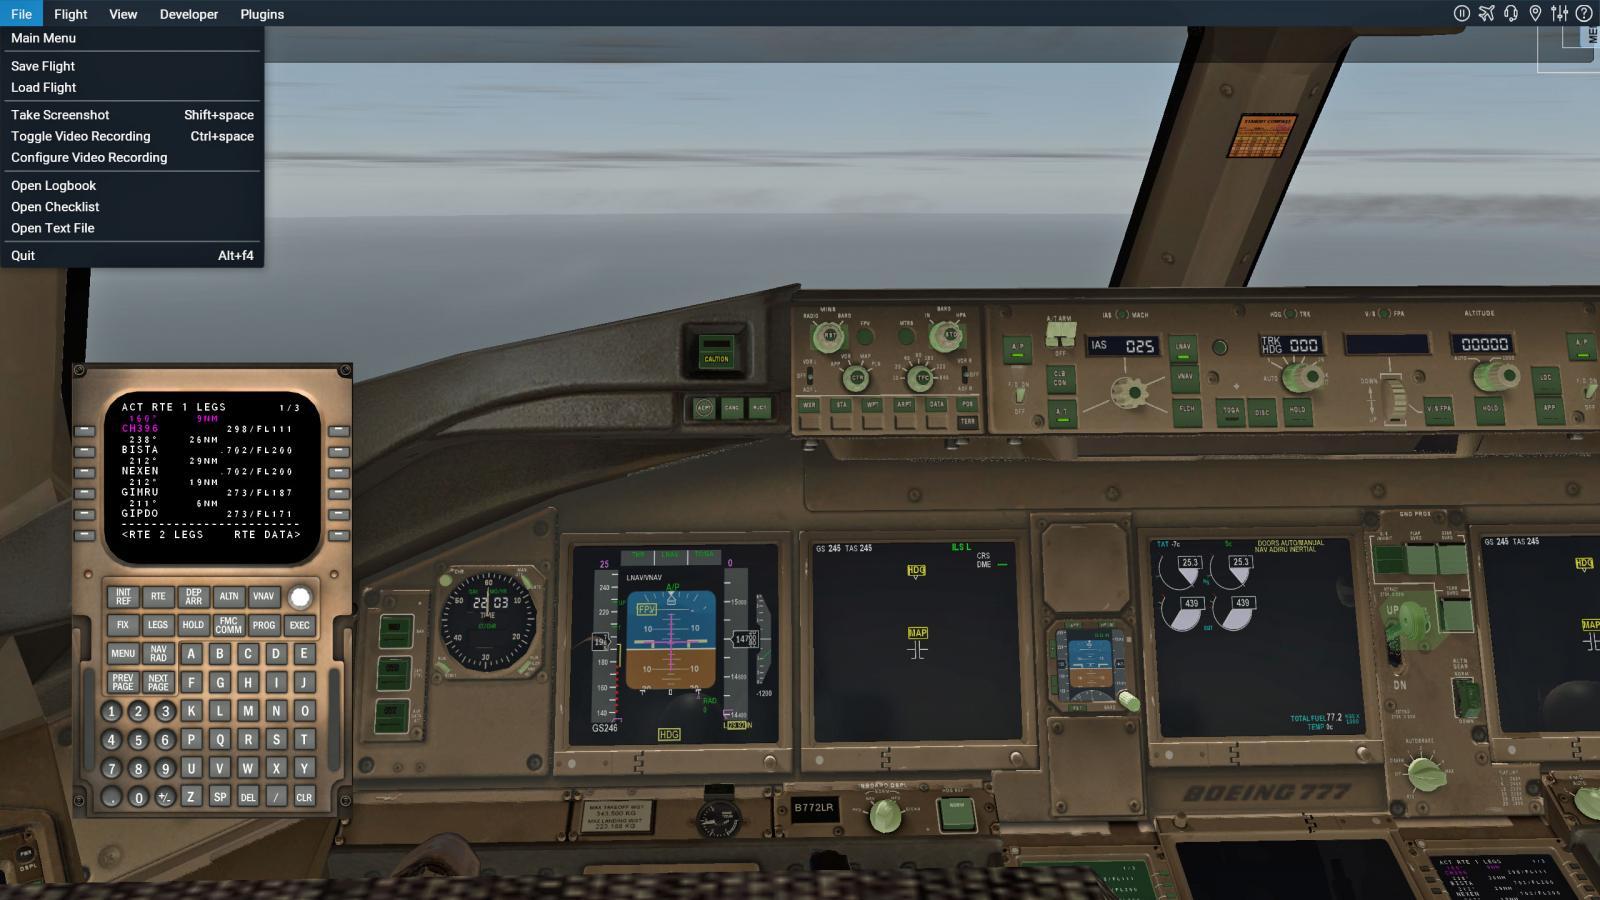 solved] V  1 92 doesnt work in X-plane 11 - Boeing 777 Worldliner